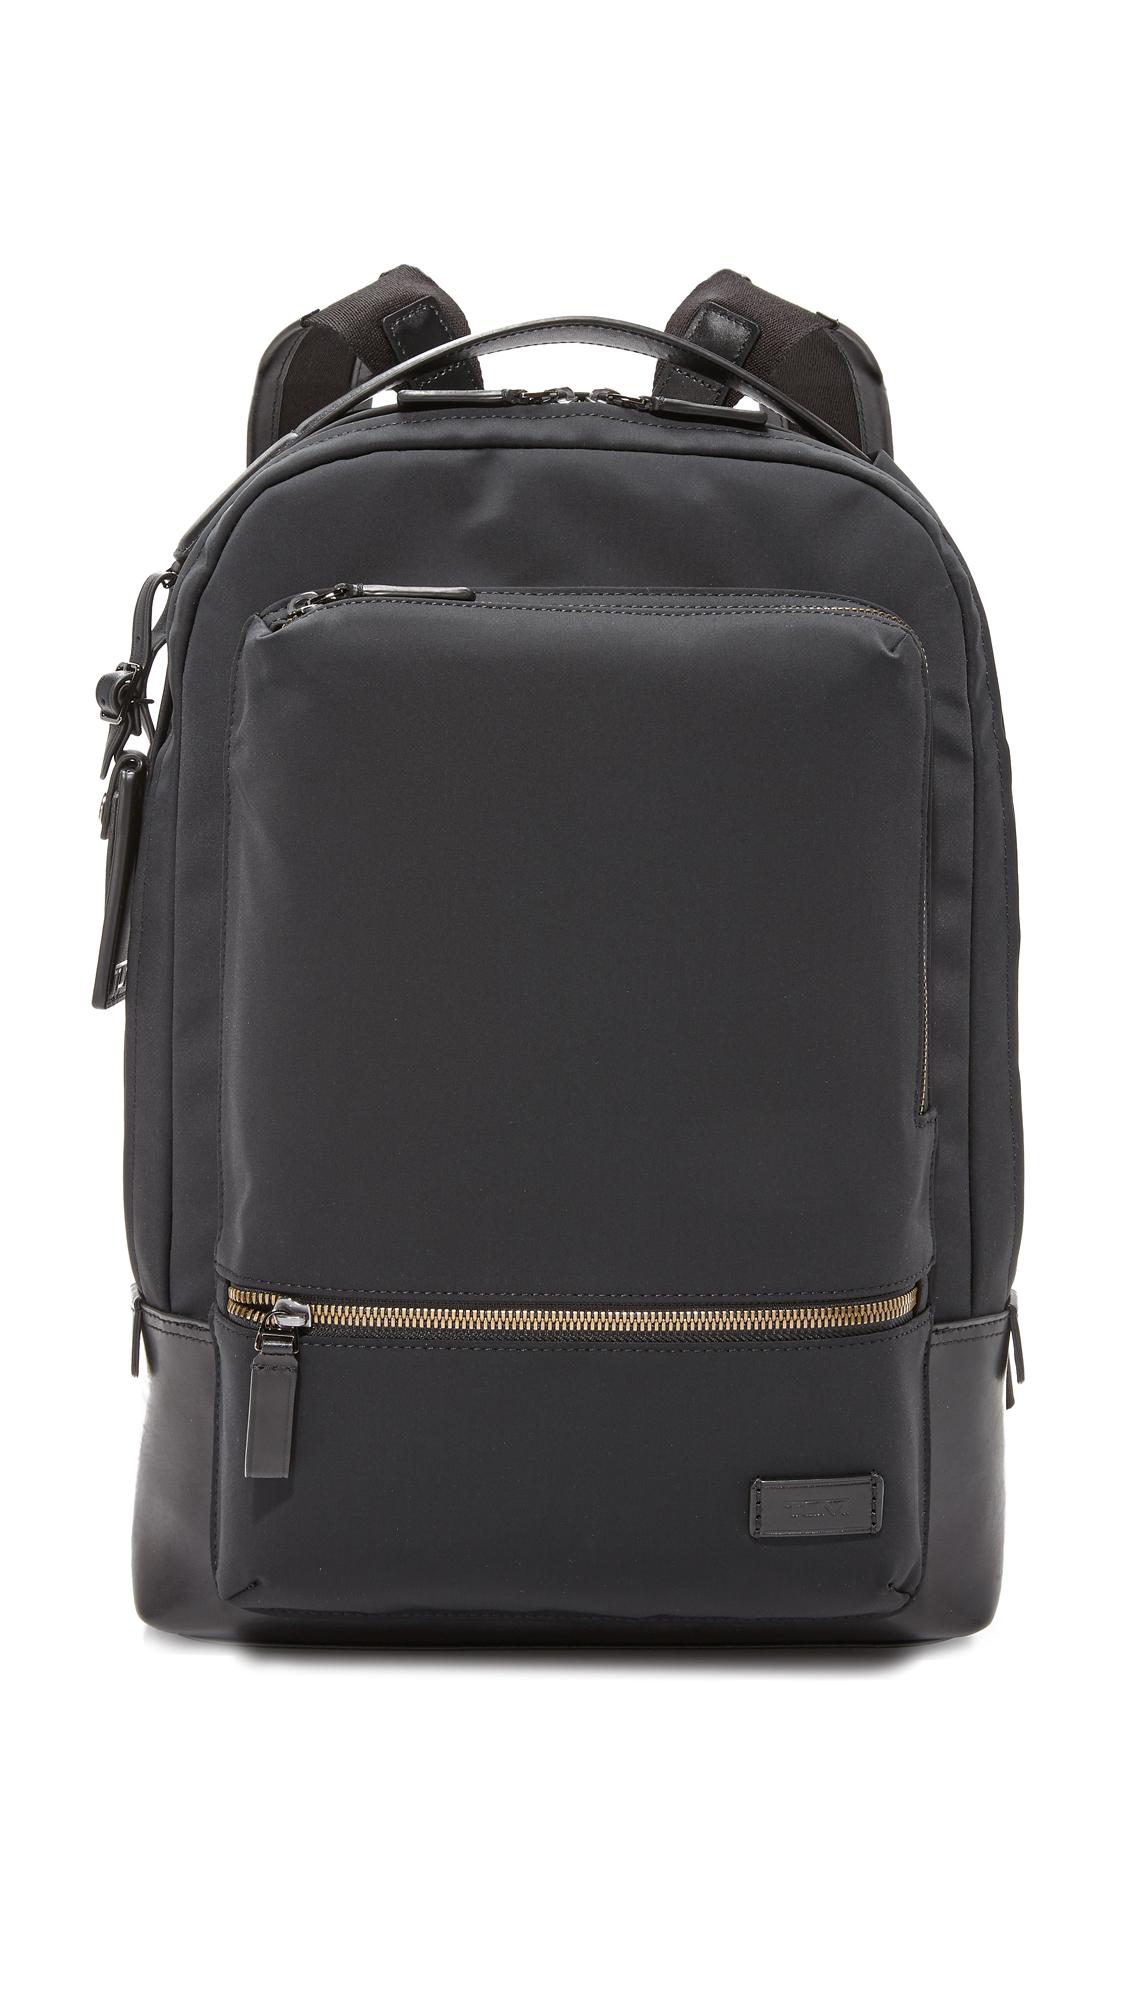 Mens Designer Bags - Men s Briefcases 5ef6e75a32d3f